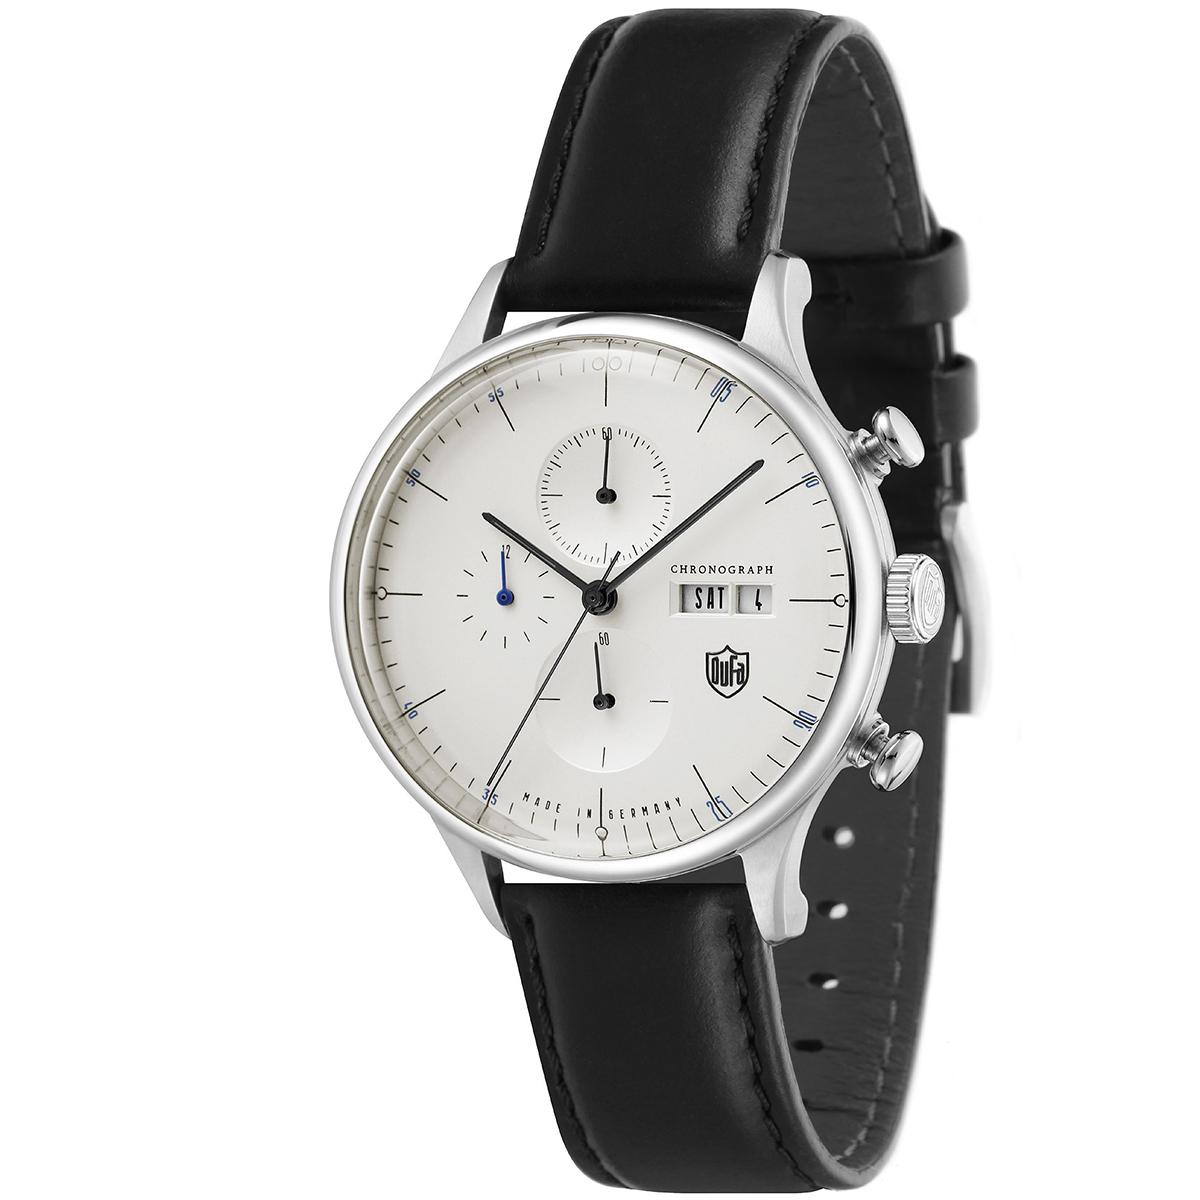 DUFA ドゥッファ DF-9021-06 VAN DER ROHE_(New Chrono) メンズ 時計 腕時計 プレゼント 贈り物 ギフト ドイツ バウハウス[あす楽]